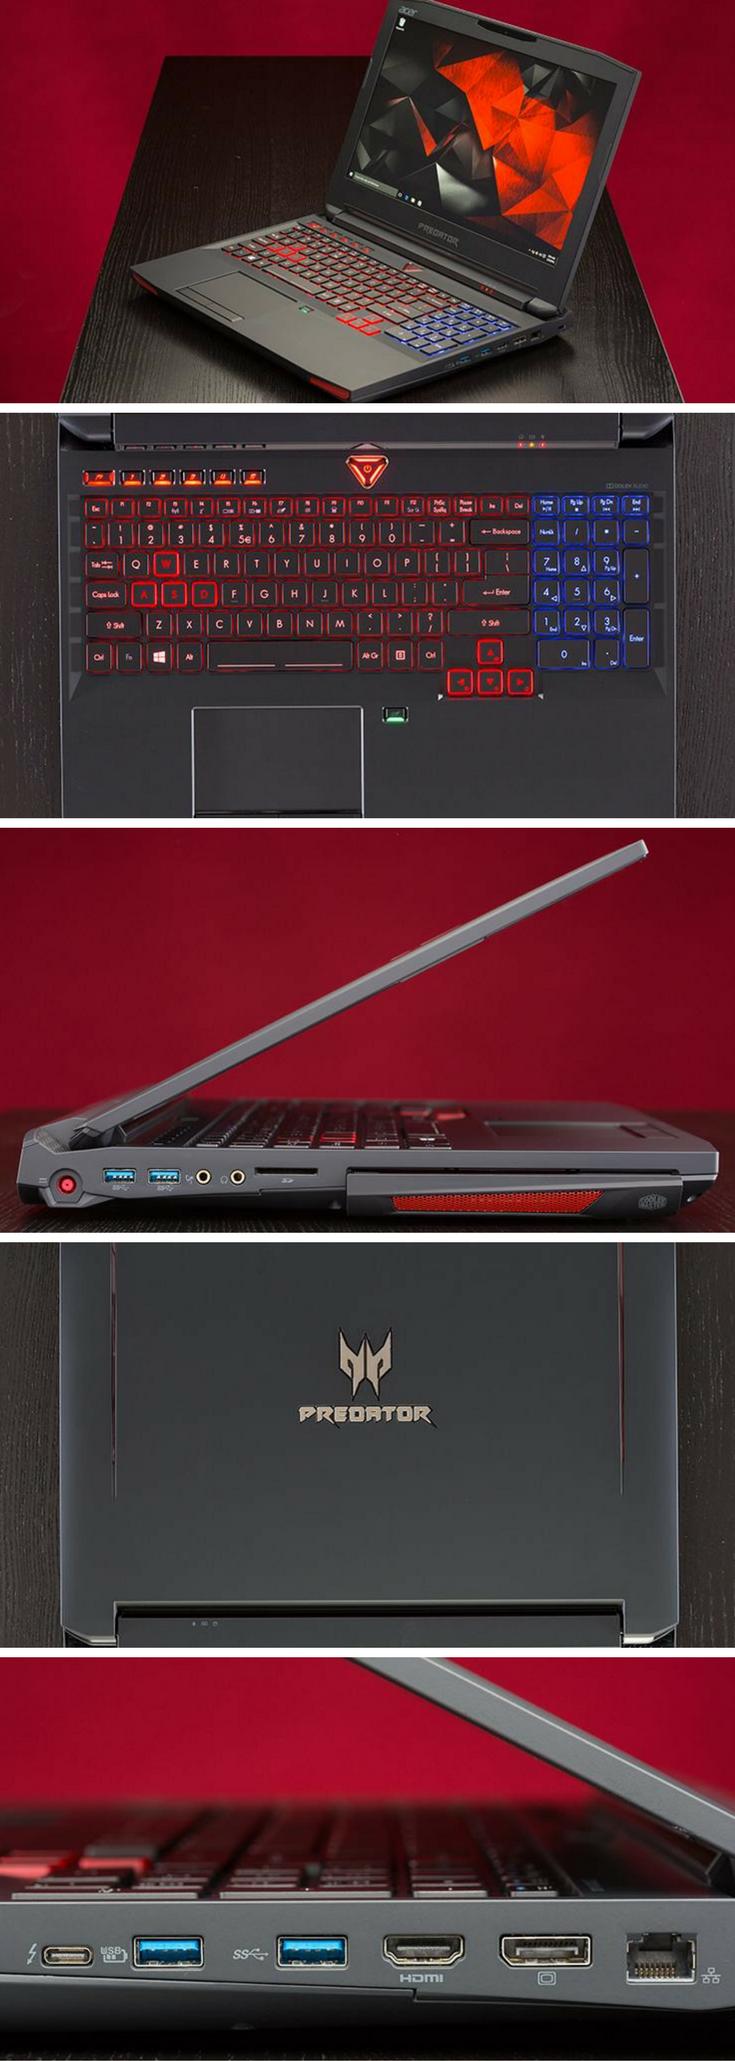 Acer Predator 15 (G9-593-72VT) | Laptops | Latest